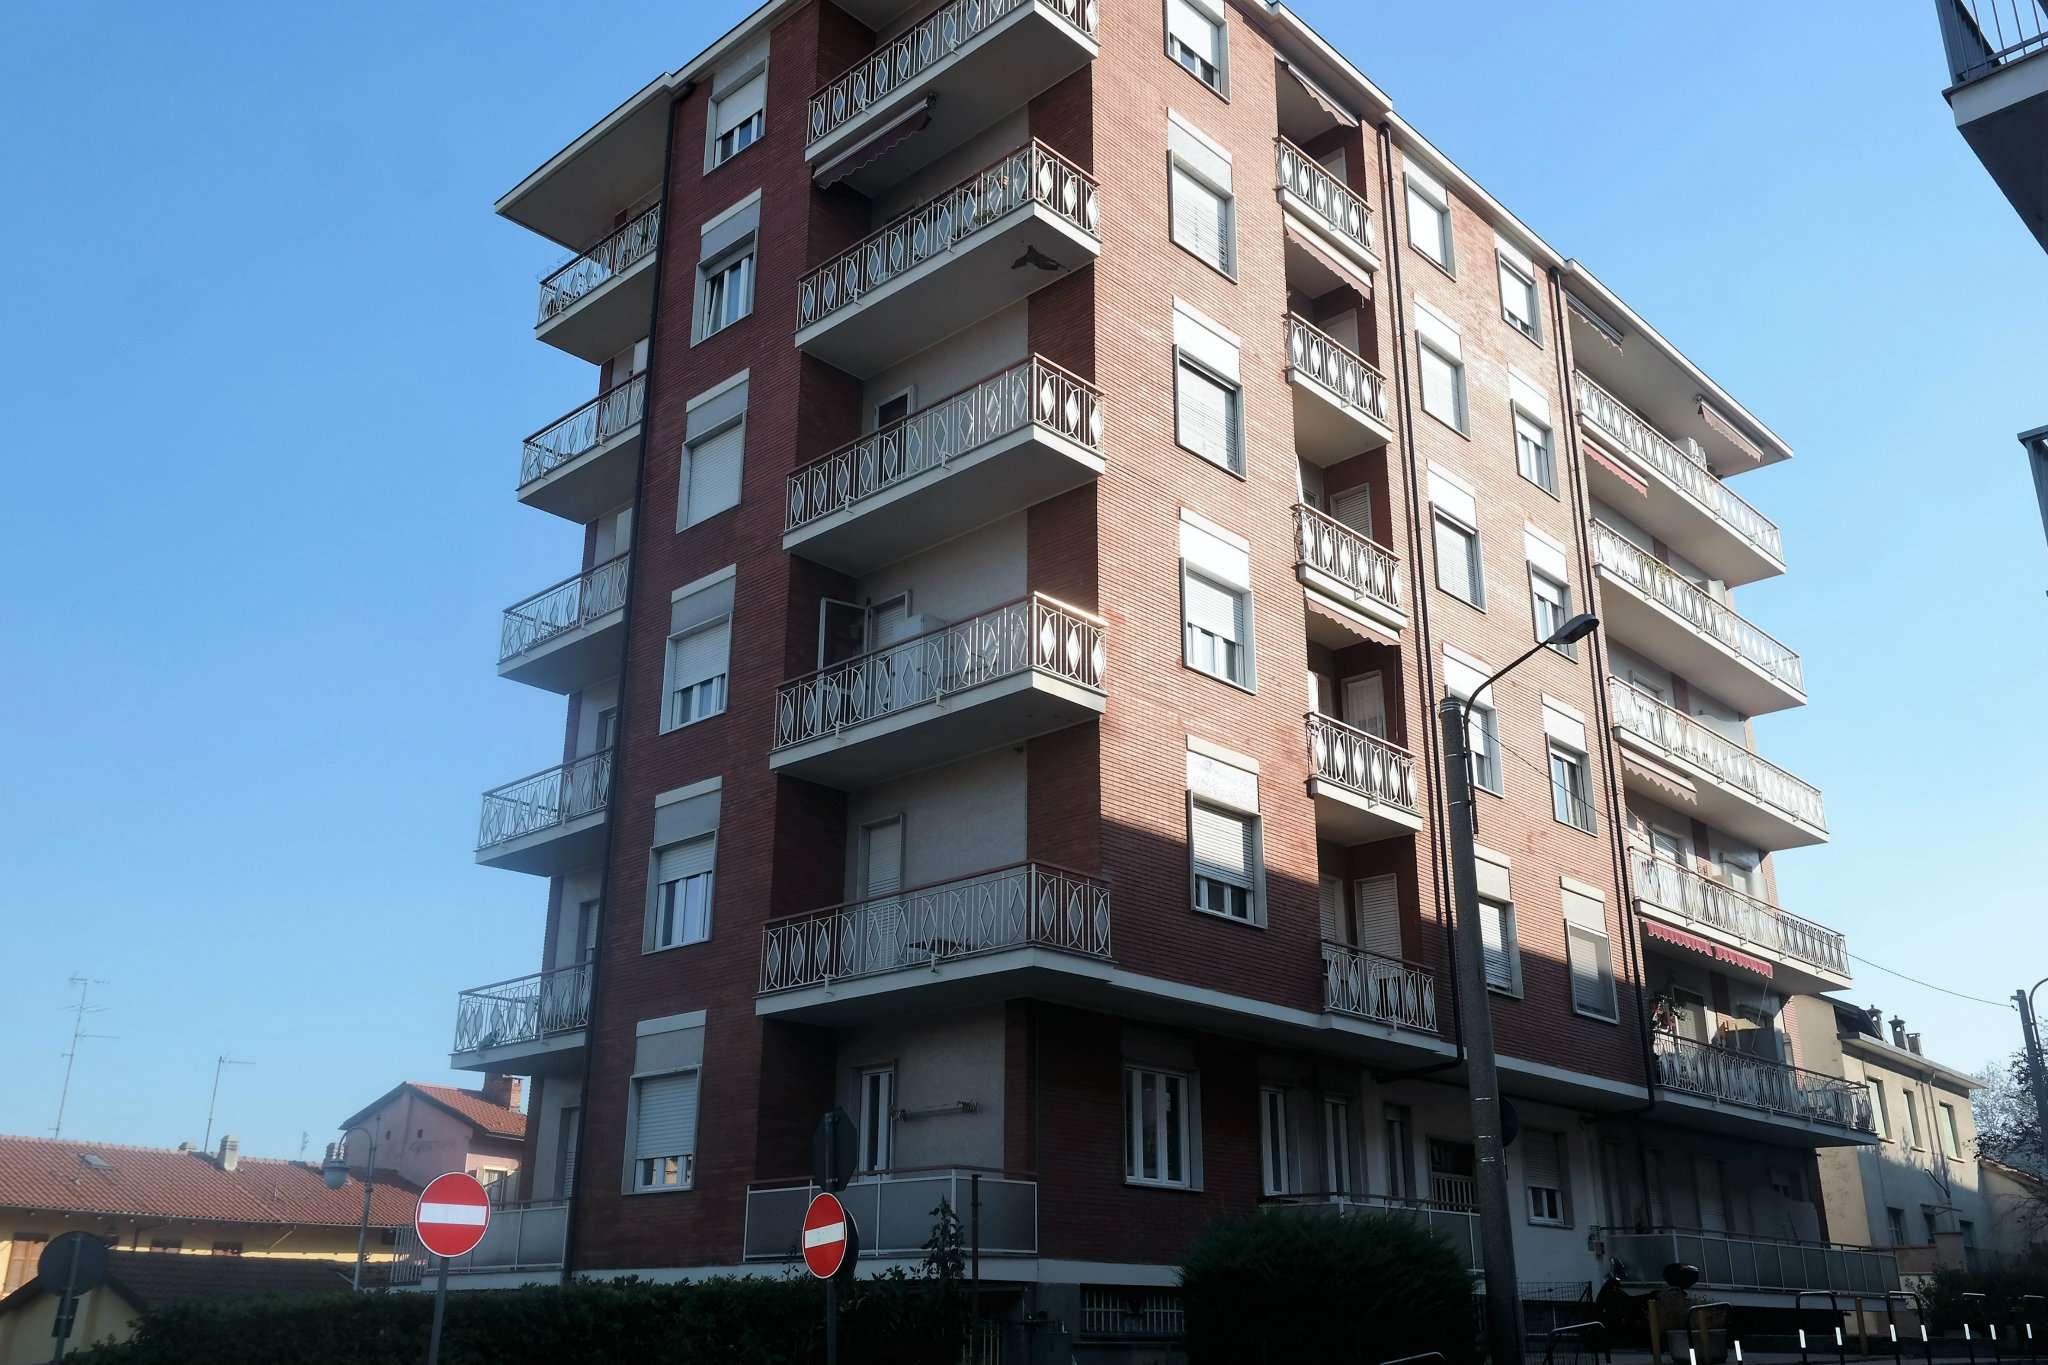 Immagine immobiliare Appartamento 2 locali di ampia metratura in buono stato Alpignano: in vendita in zona centrale e servita, palazzina di metà anni '60 in buone condizioni, al terzo piano con ascensore, appartamento di circa 60 mq composto da...